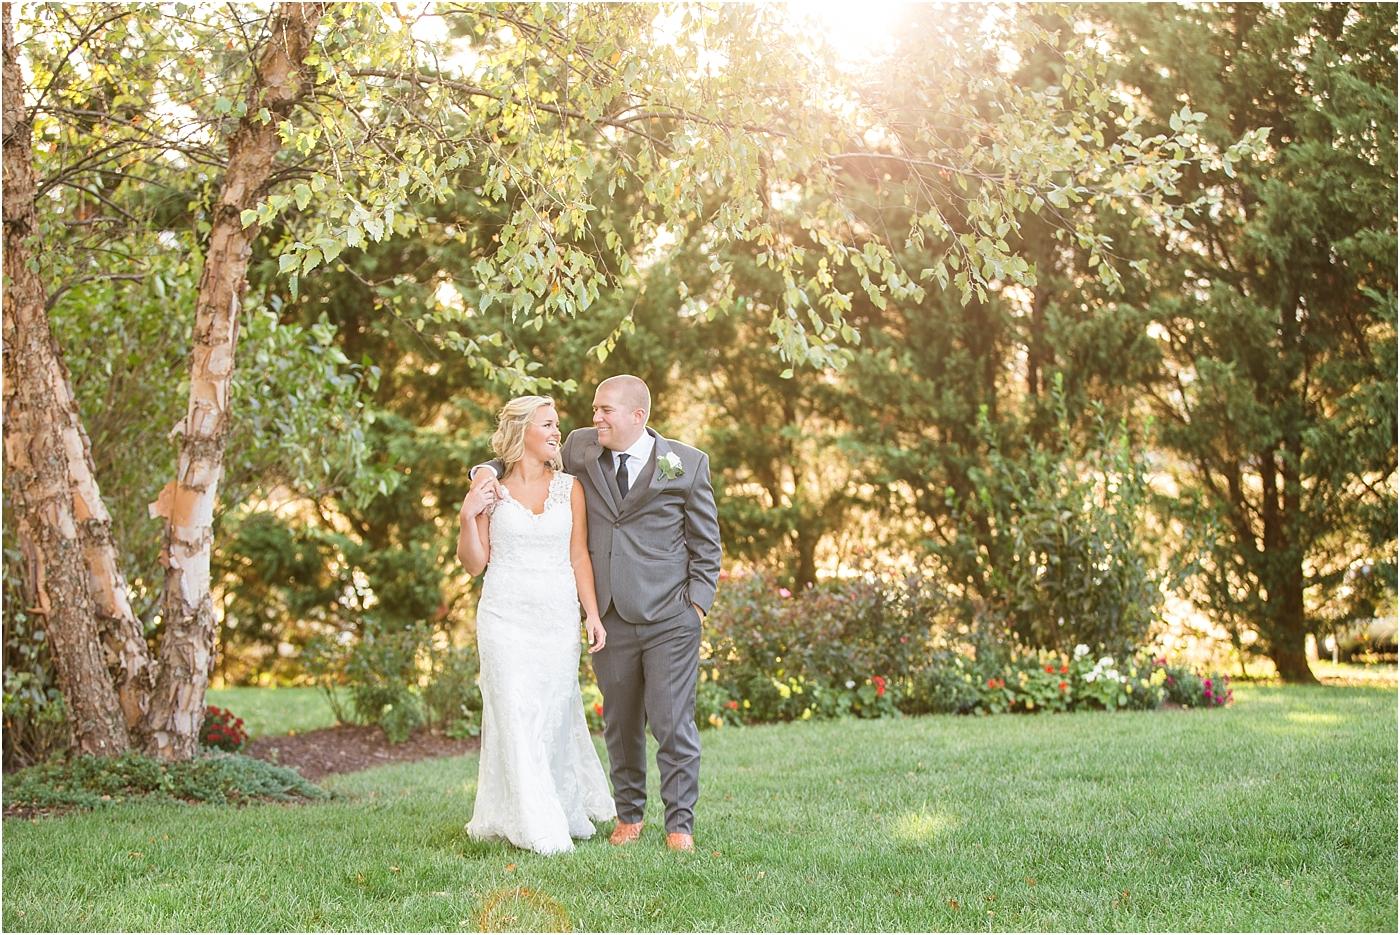 Walkers-Overlook-Wedding-82.jpg